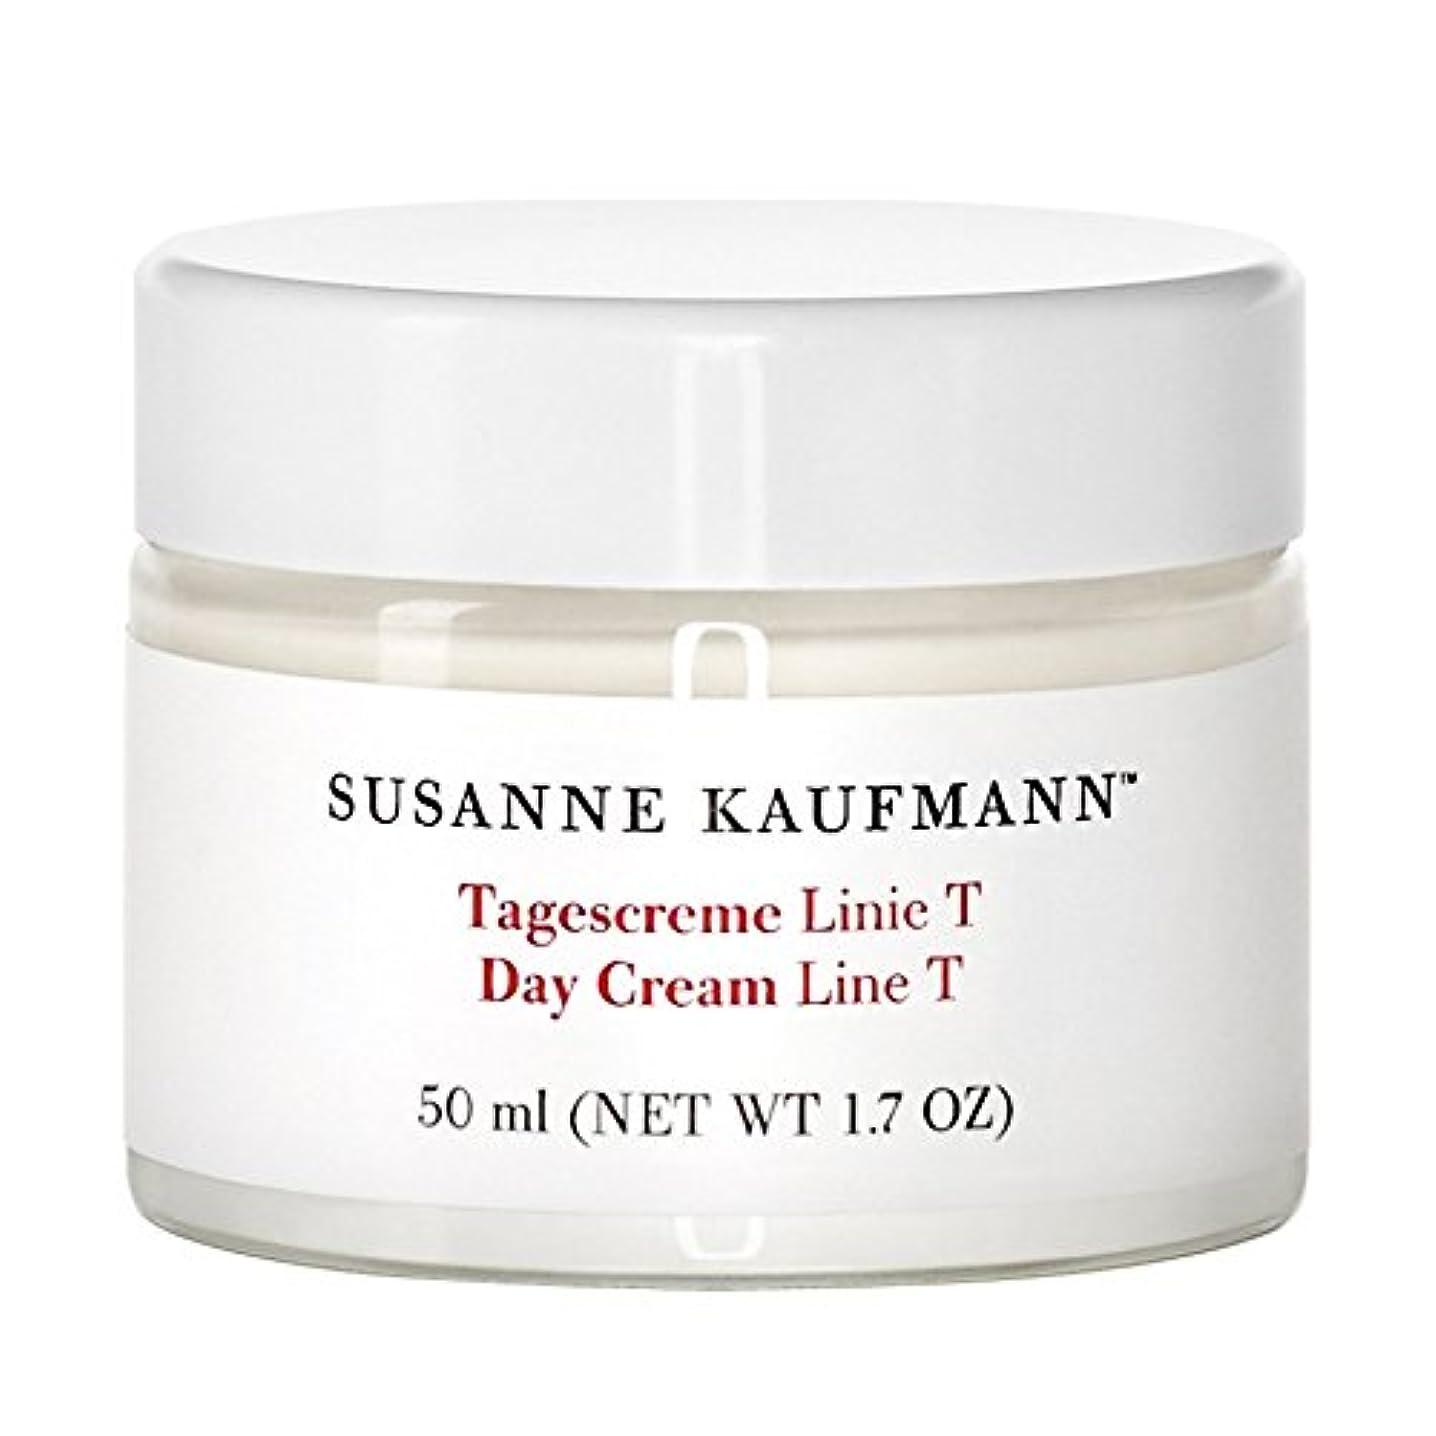 嫌い終点抽象スザンヌカウフマン日クリームライントンの50ミリリットル x2 - Susanne Kaufmann Day Cream Line T 50ml (Pack of 2) [並行輸入品]